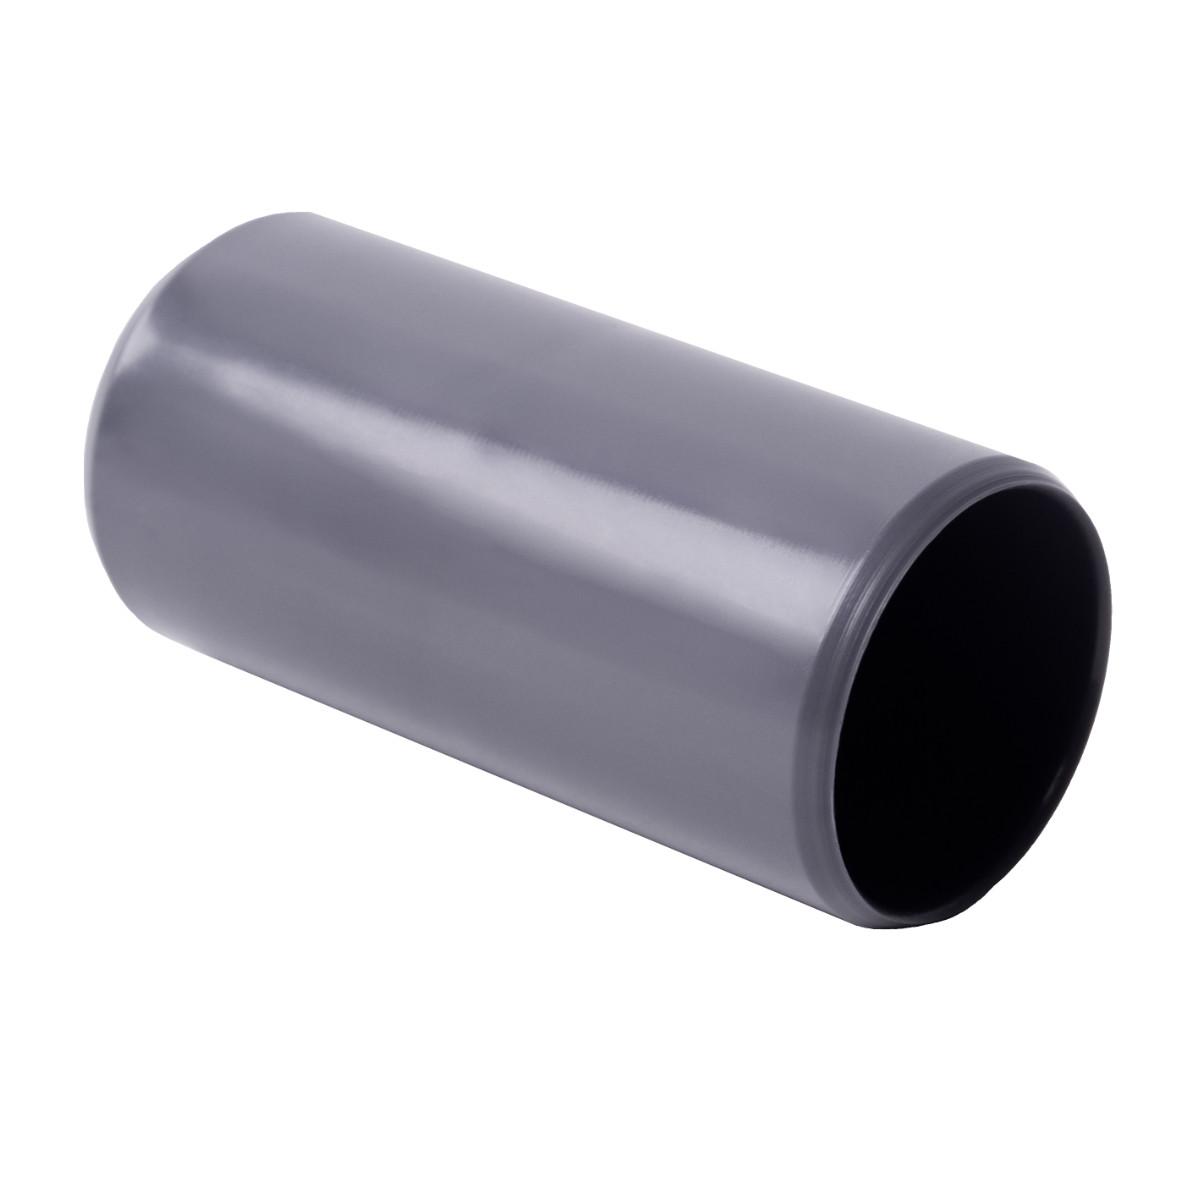 Муфта з'єднувальна для труби 16 мм ; Ø16мм; ПВХ;; t застосування -25+60 °с; темно-сіра; Упаковка 10 шт